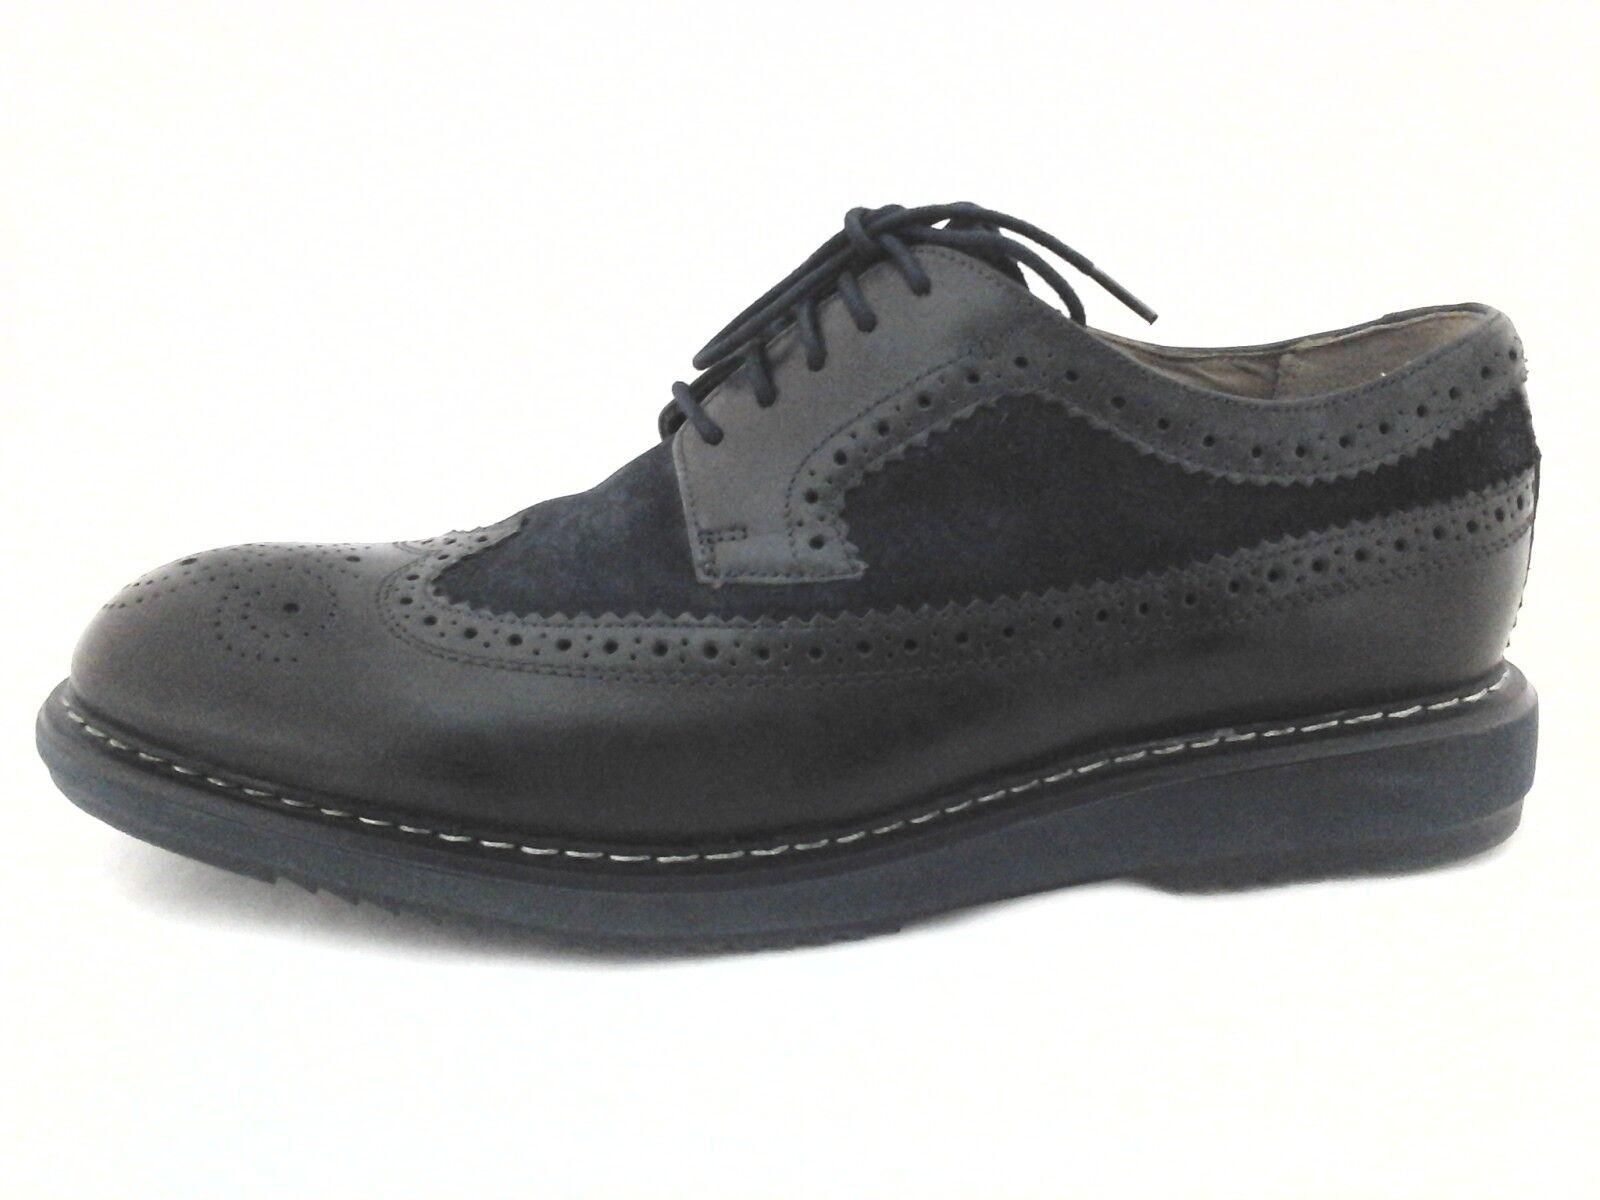 Clarks Árbol Para Para Para hombres Zapatos Oxford Punta De Ala Negro Marina Extralight US 10.5 9b2a26